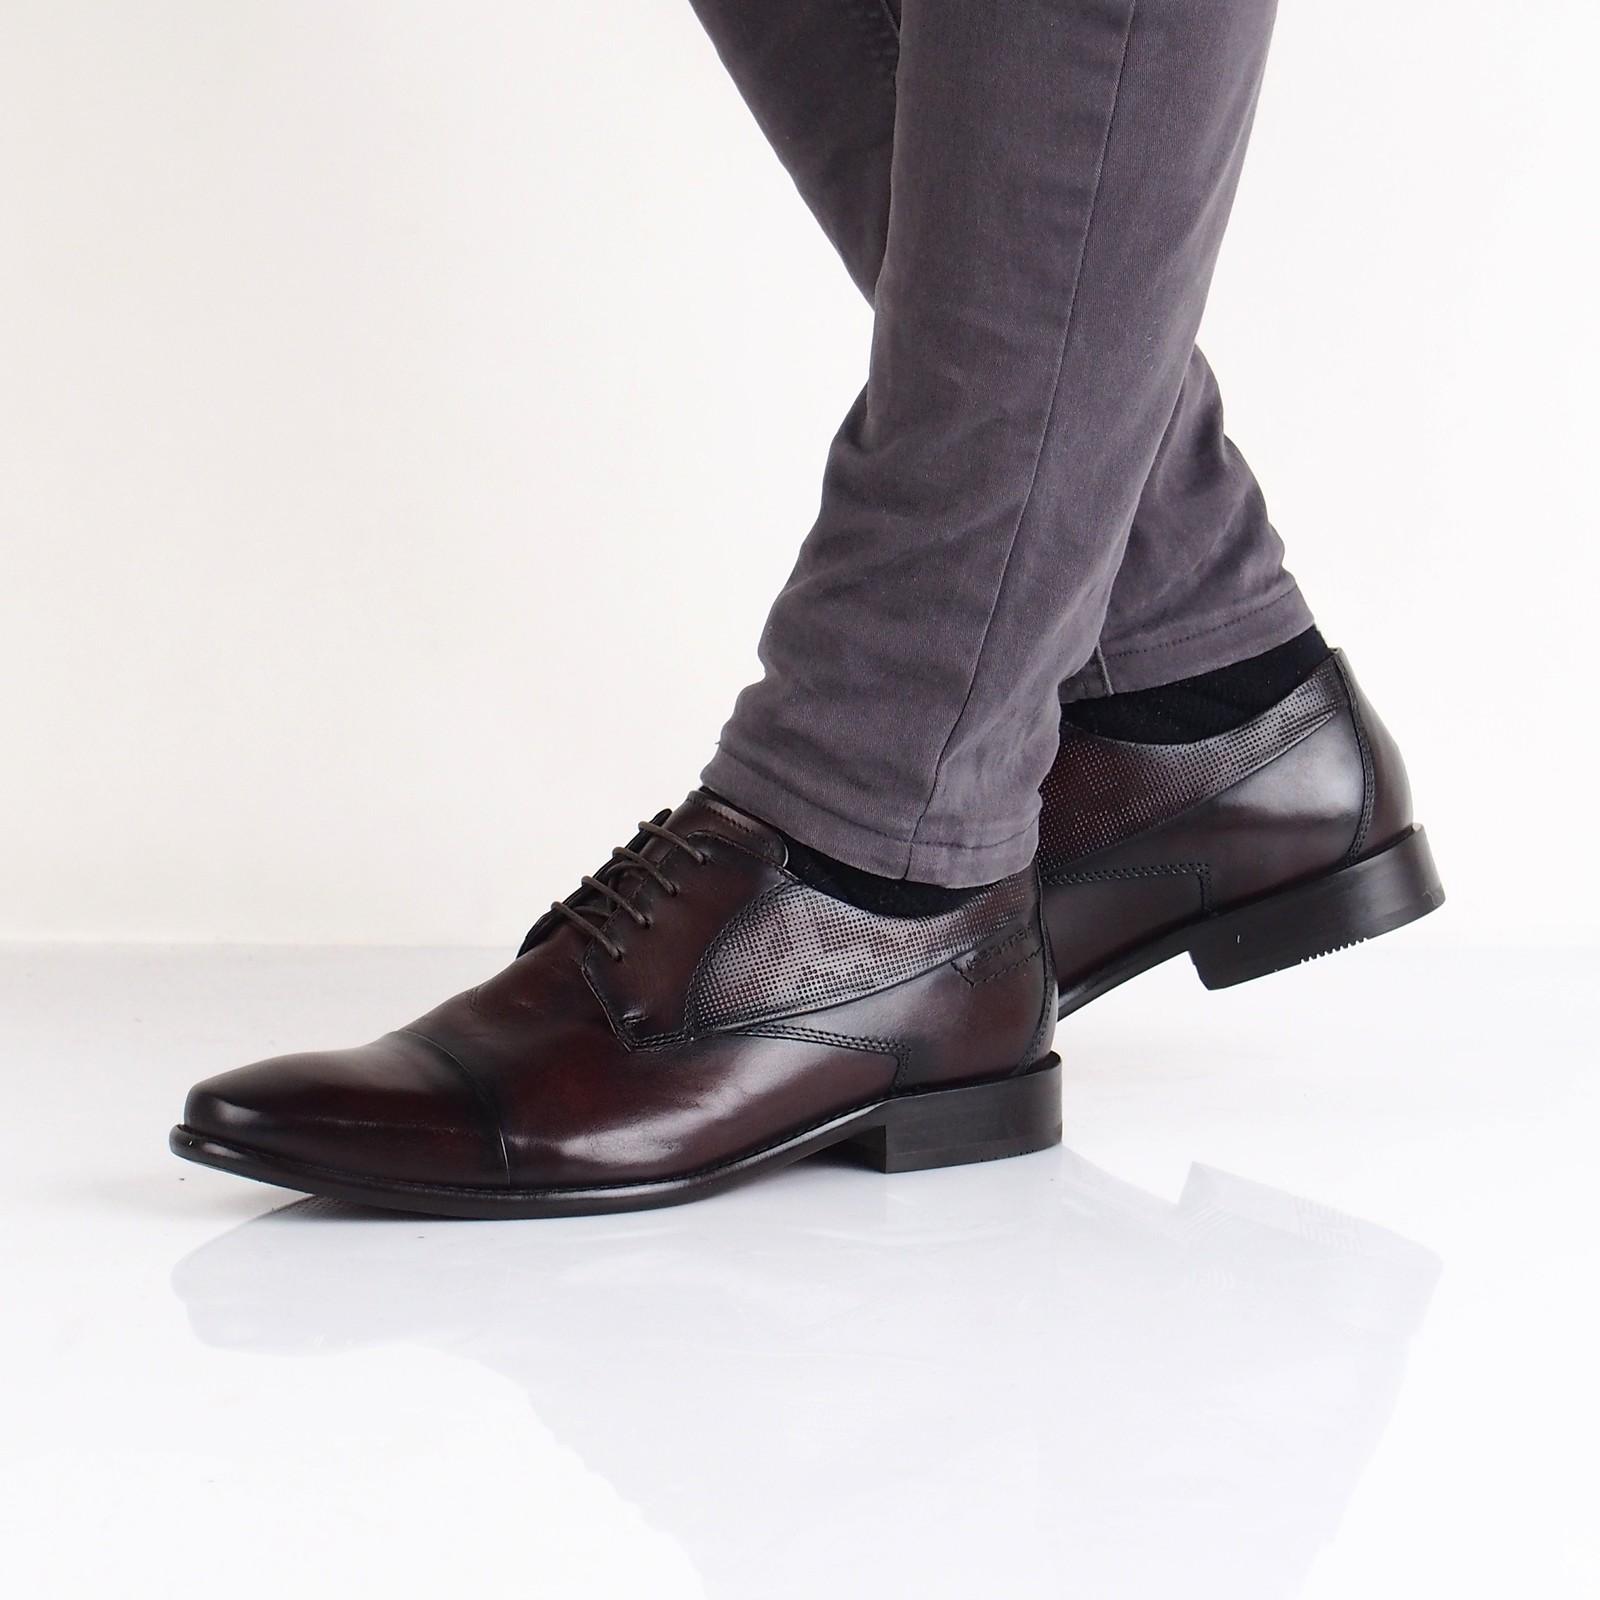 53ccd6190461 Daniel Hechter pánske kožené spoločenské topánky - tmavohnedé ...